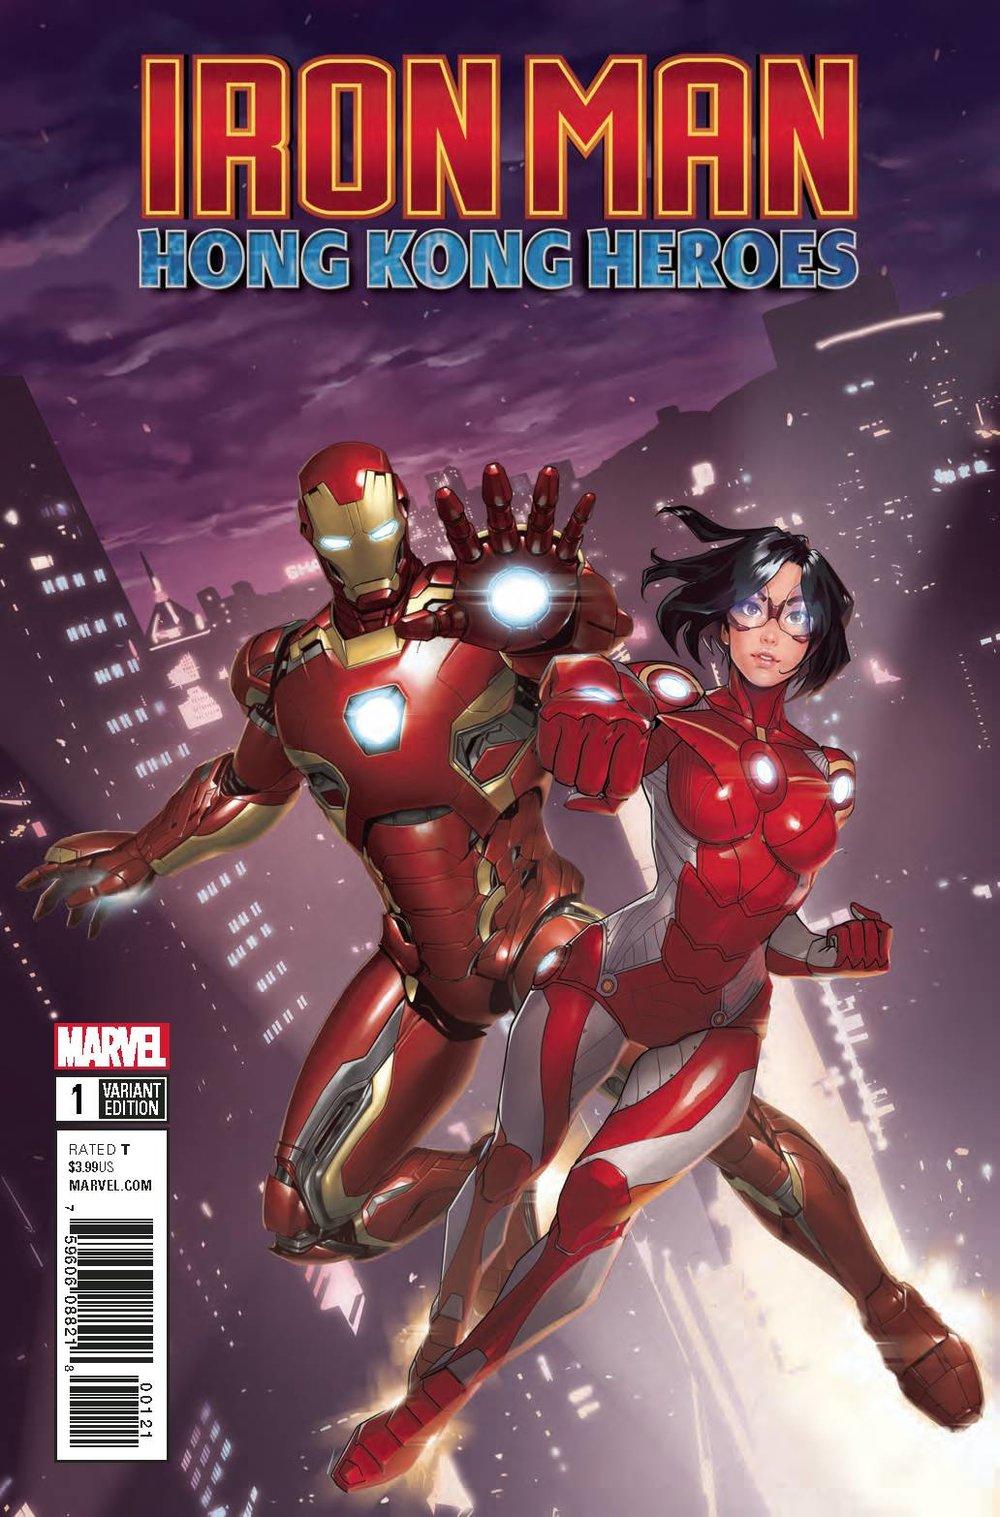 Iron Man Hong Kong Heroes #1